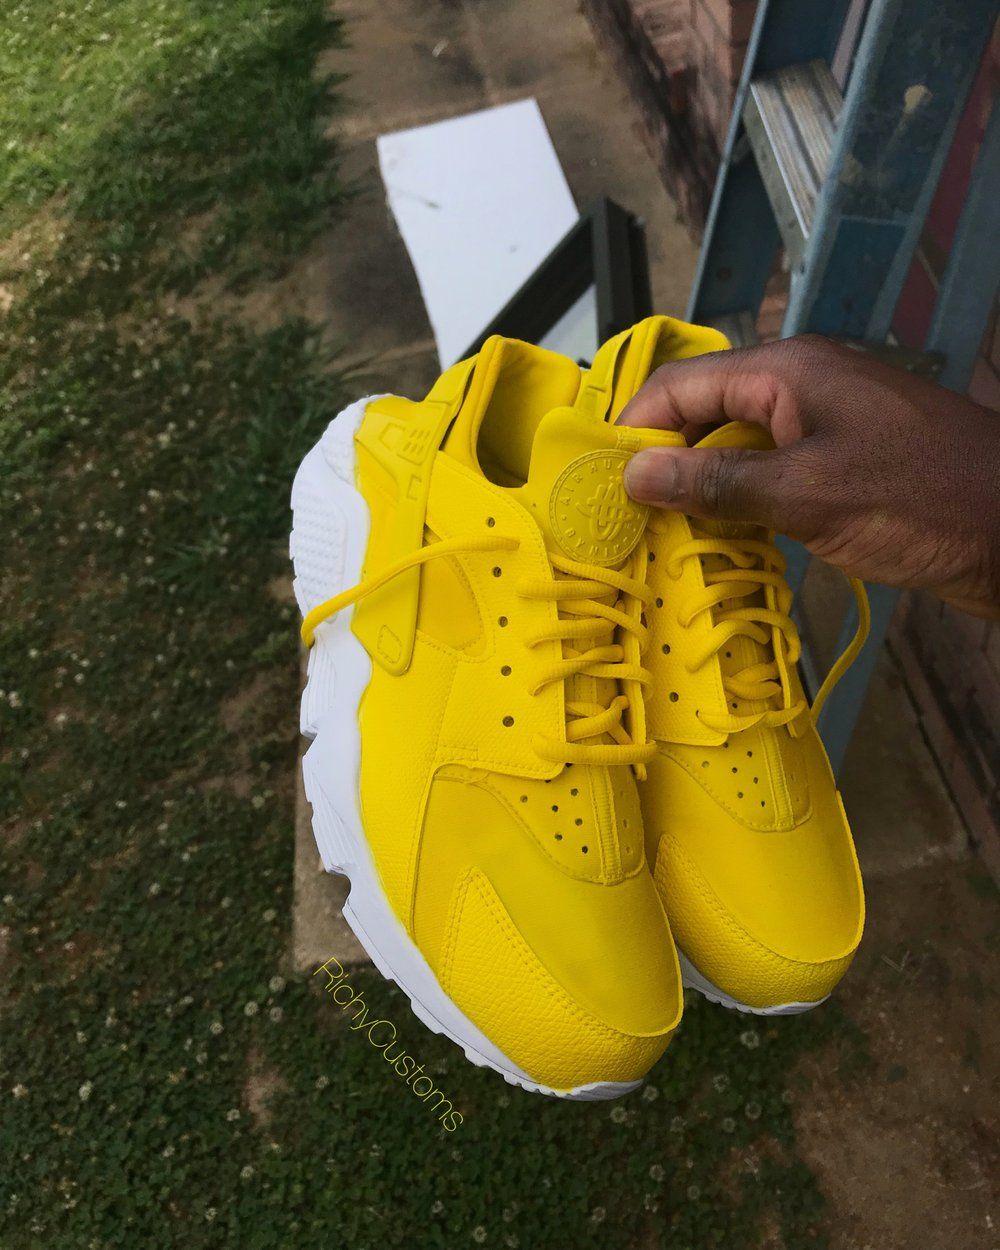 81dbb8a313a3 Sun Yellow Huaraches 💛⛅ in 2019